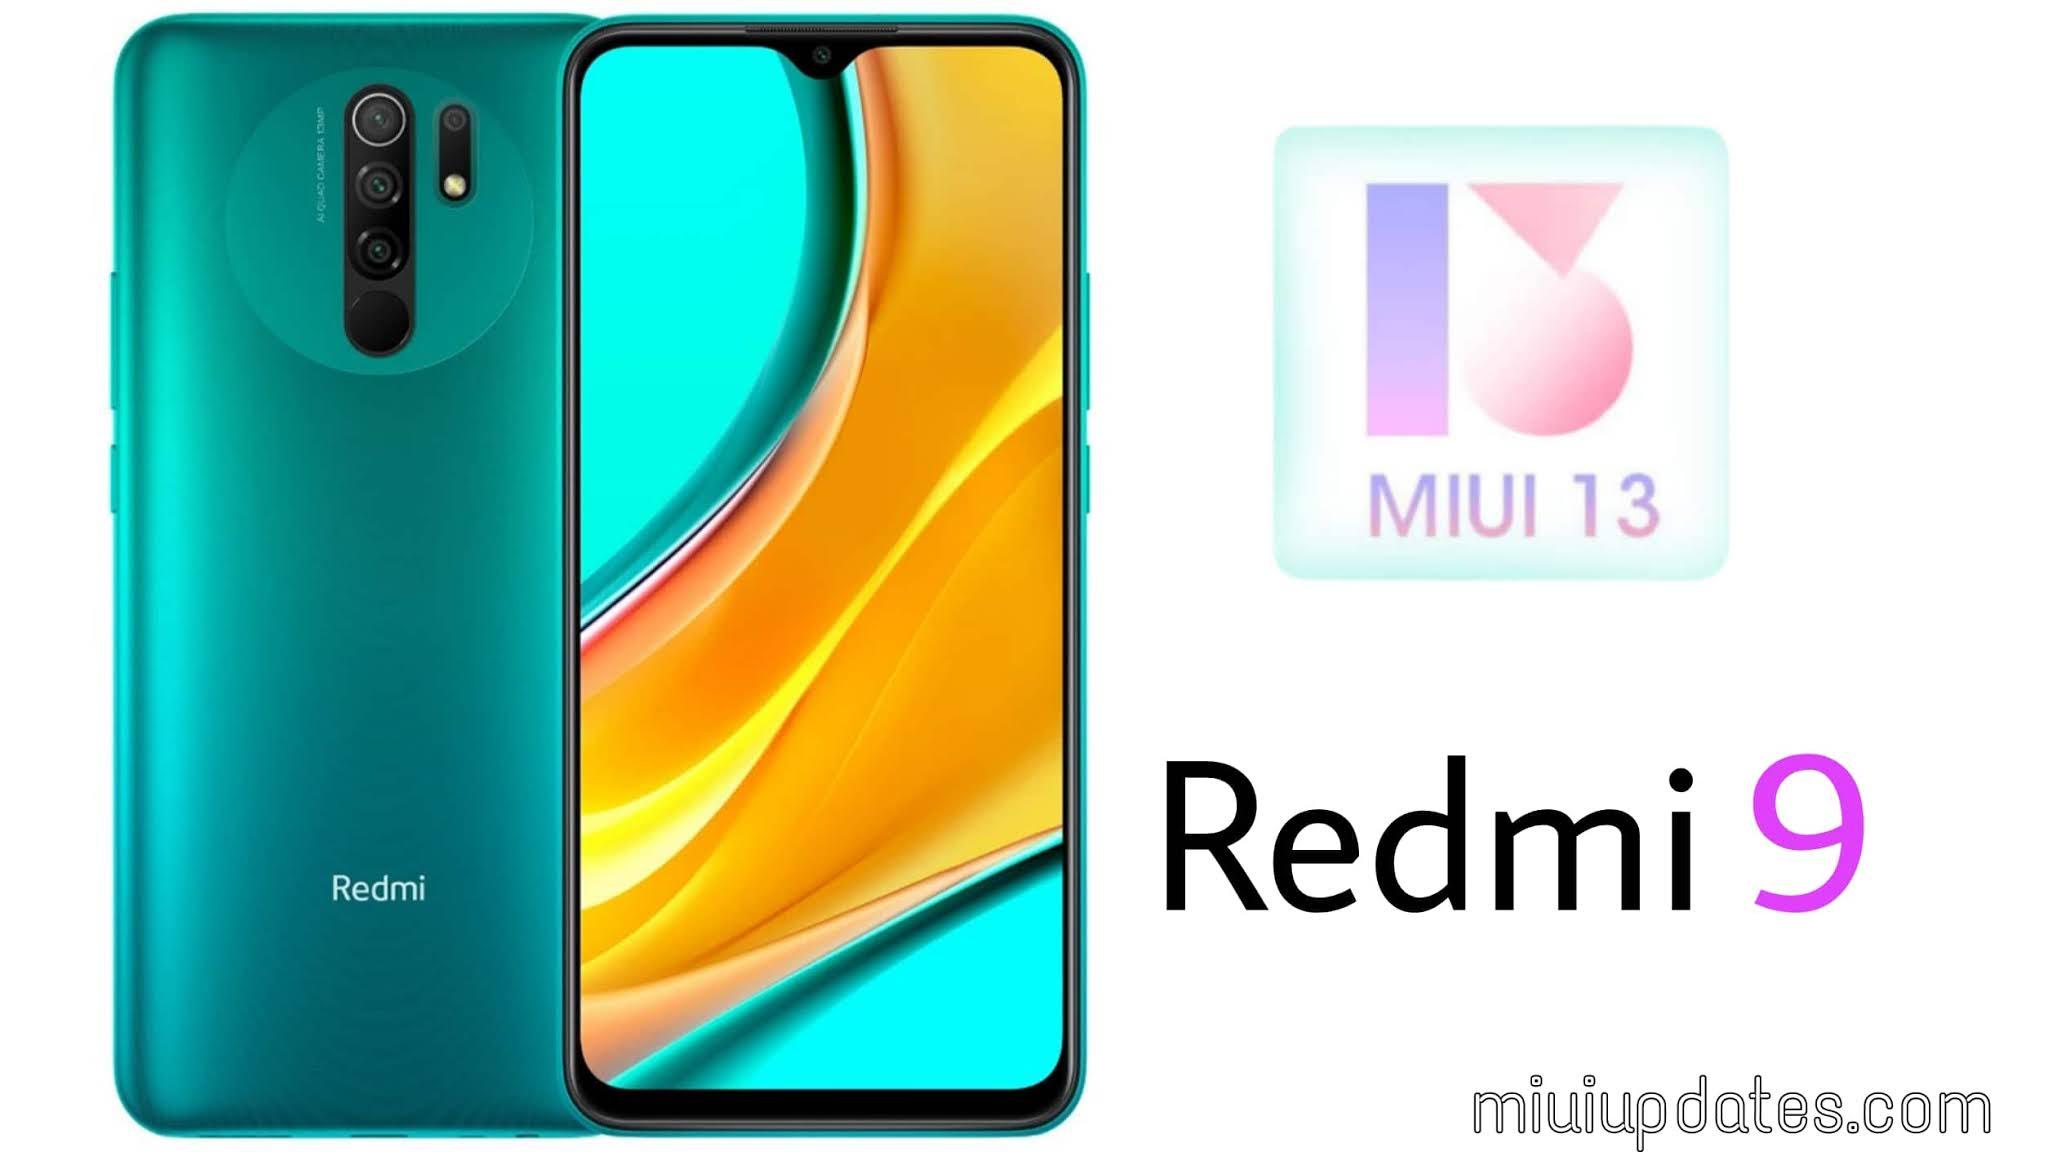 MIUI 13 for Redmi 9